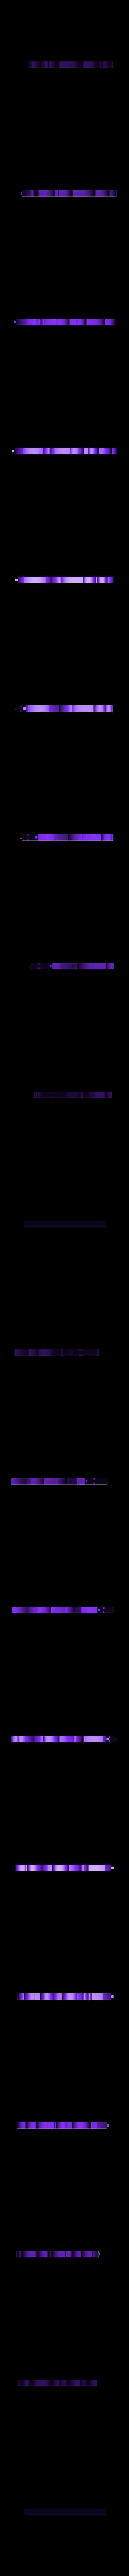 arbol joyero 1.stl Télécharger fichier STL gratuit bijoutier / joaillier • Design à imprimer en 3D, amg3D